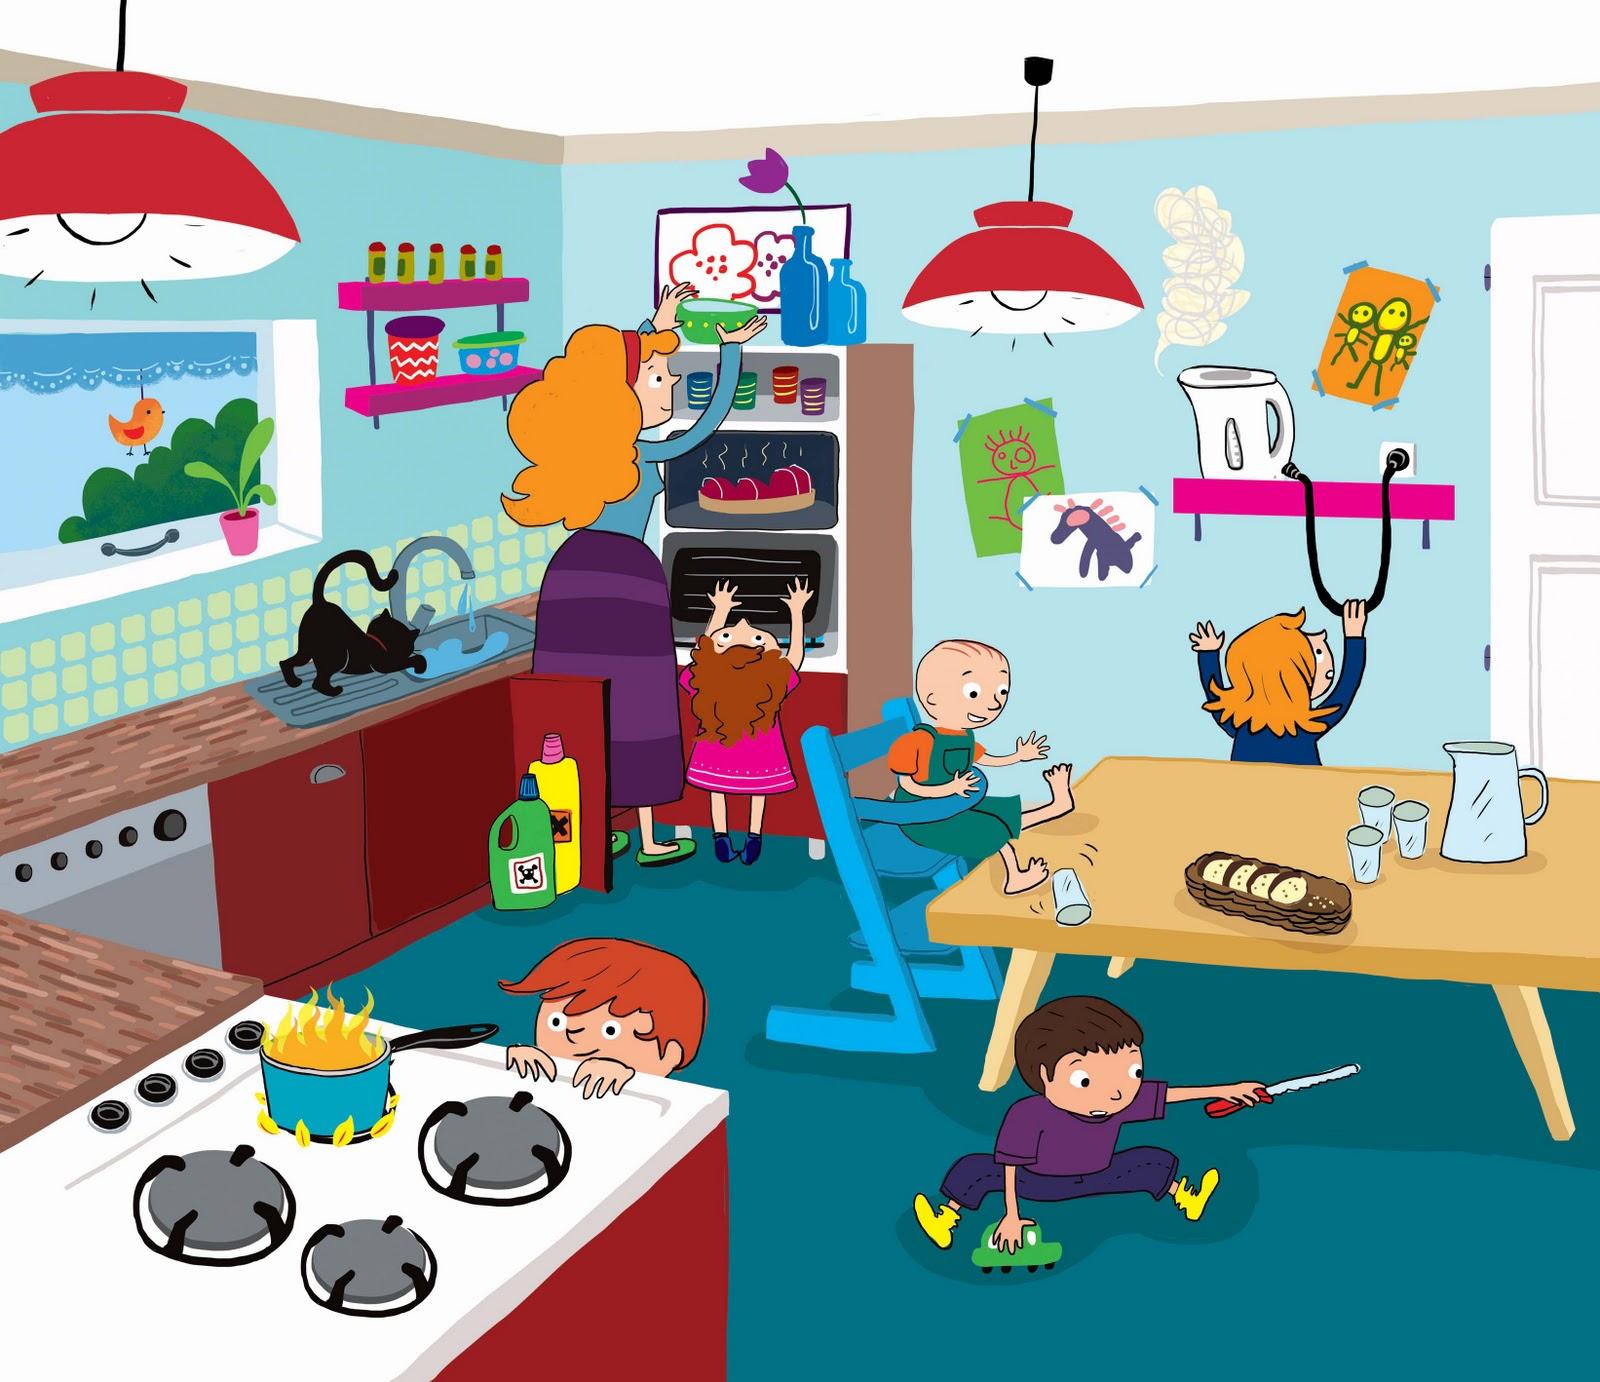 Sophie rohrbach magnet pour advita - La cuisine des enfants ...